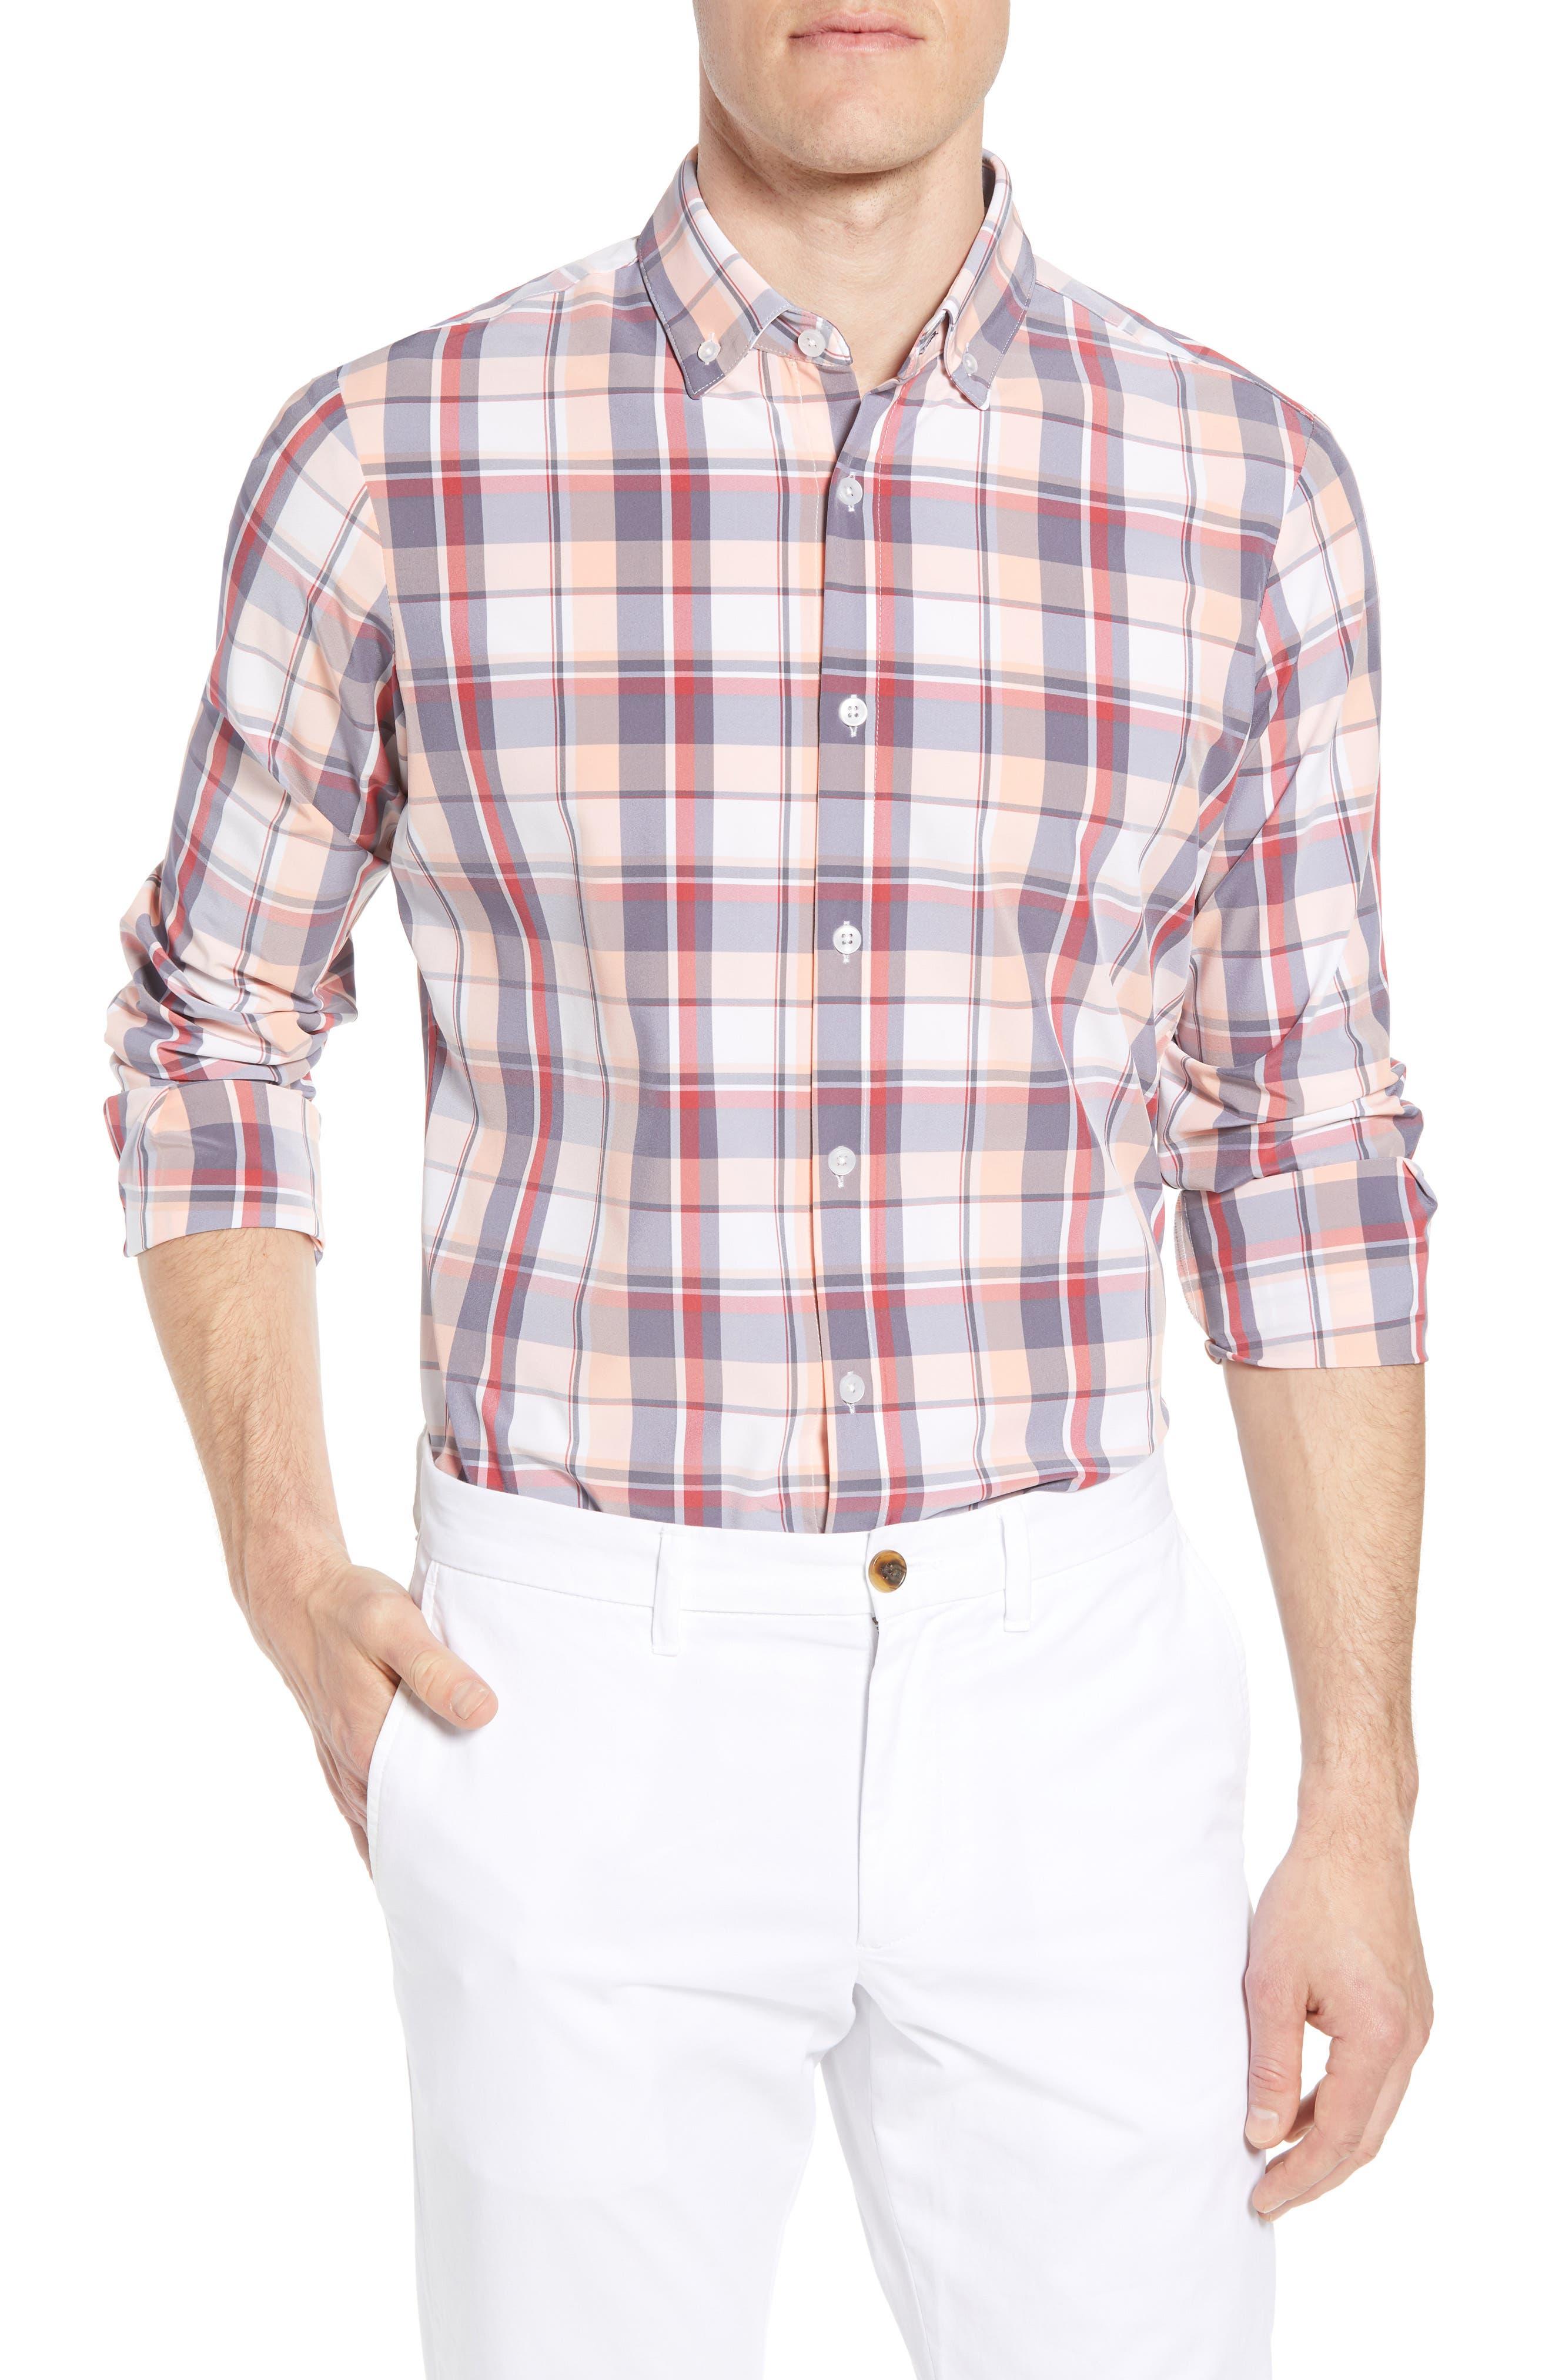 Brazos Slim Fit Madras Plaid Performance Sport Shirt,                             Main thumbnail 1, color,                             PEACH